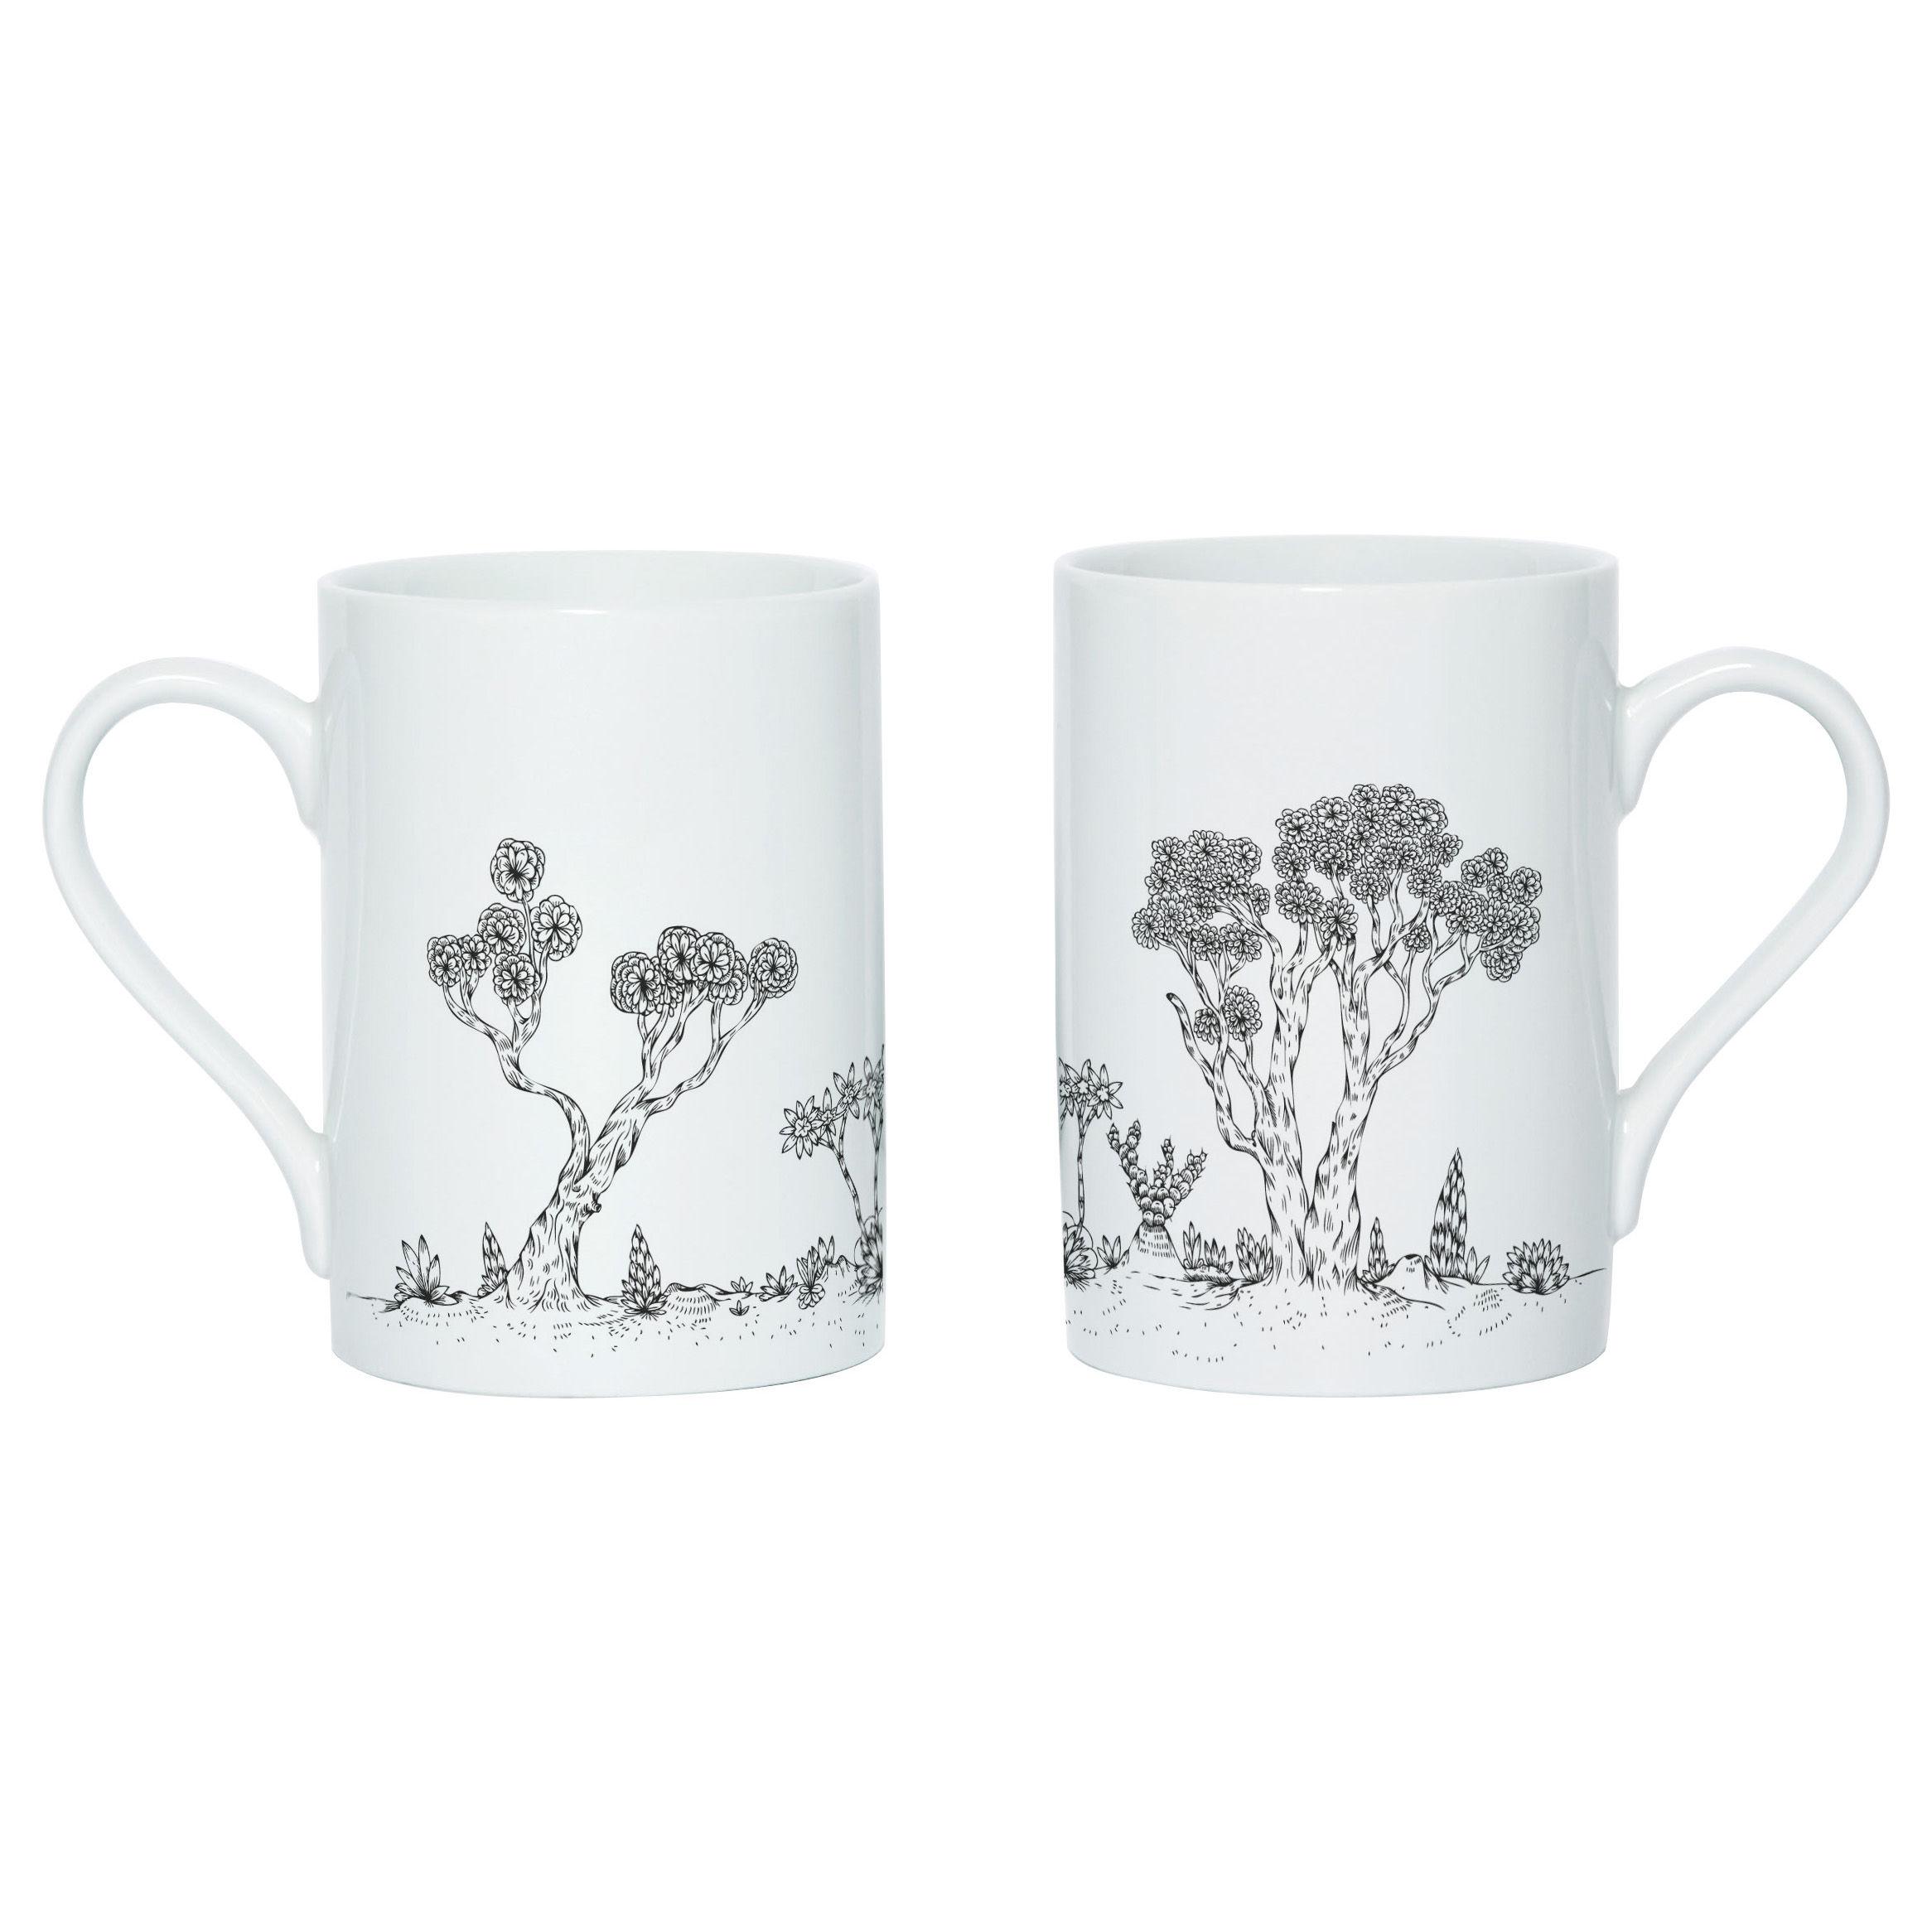 Tischkultur - Tassen und Becher - Landscape Becher - Domestic - Weiß und schwarz - Porzellan